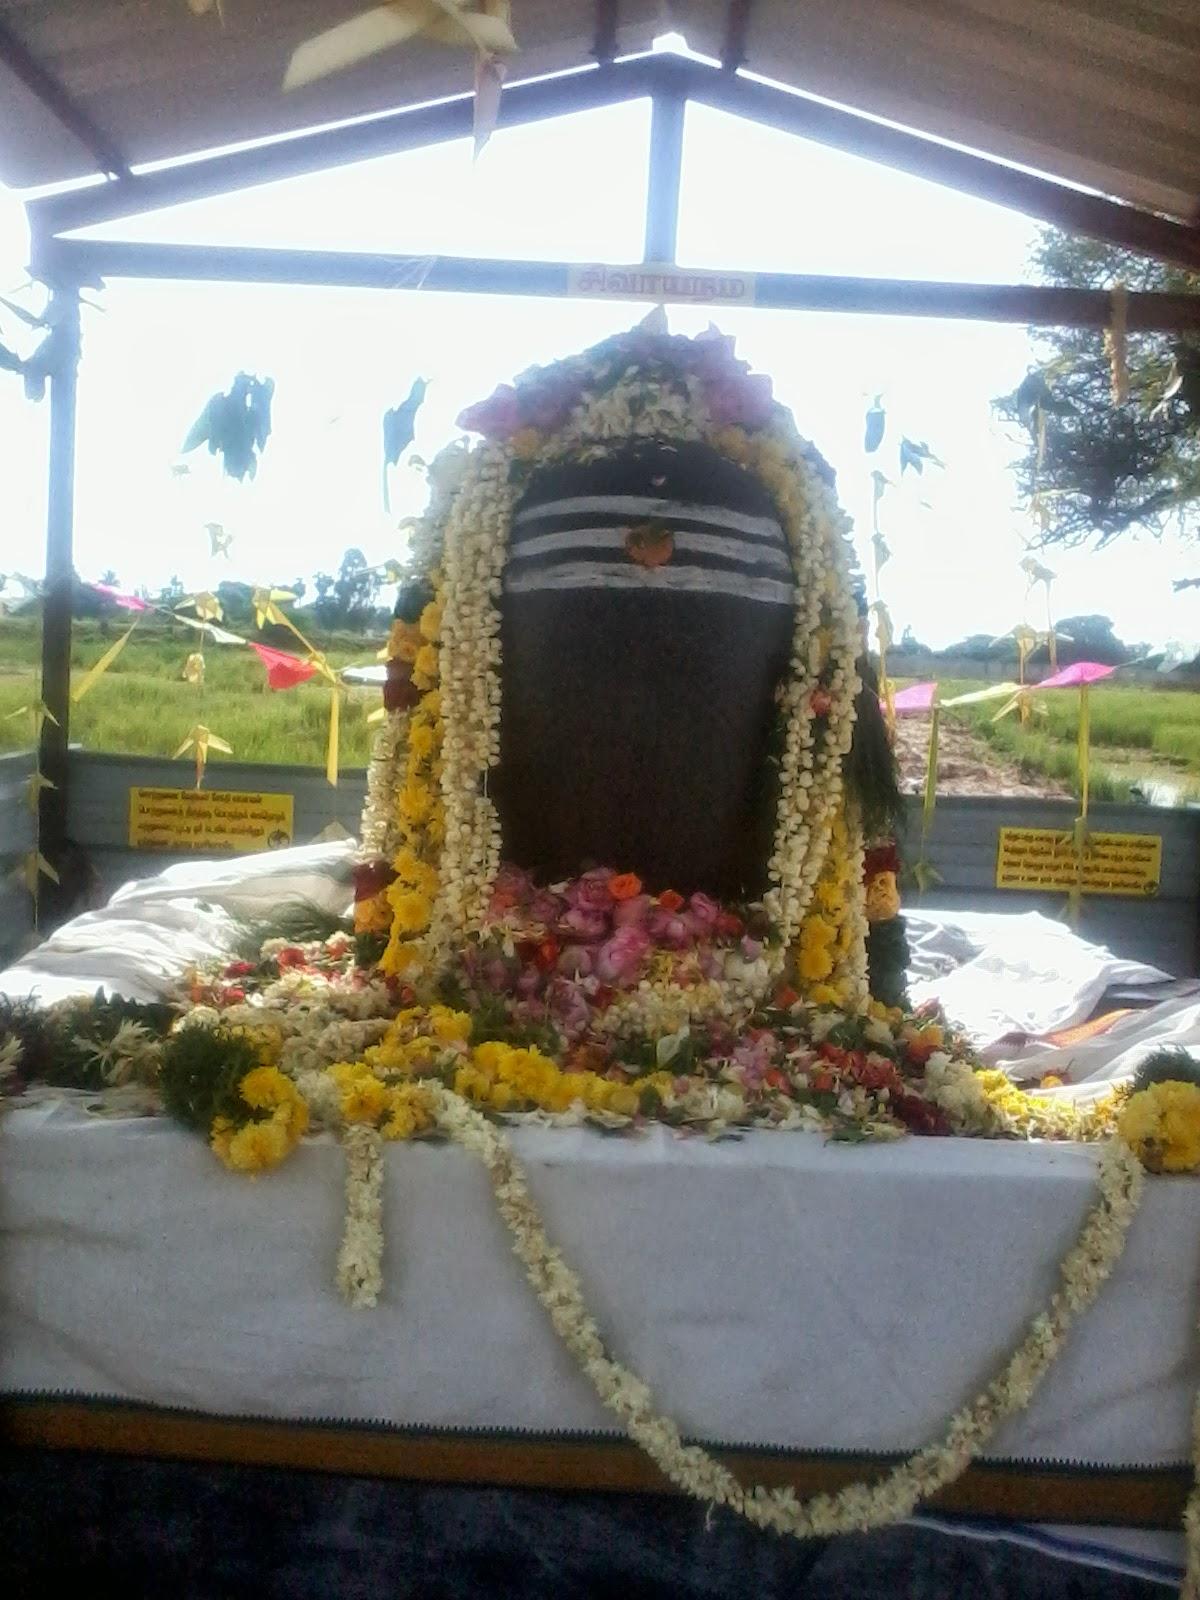 Amithanallur